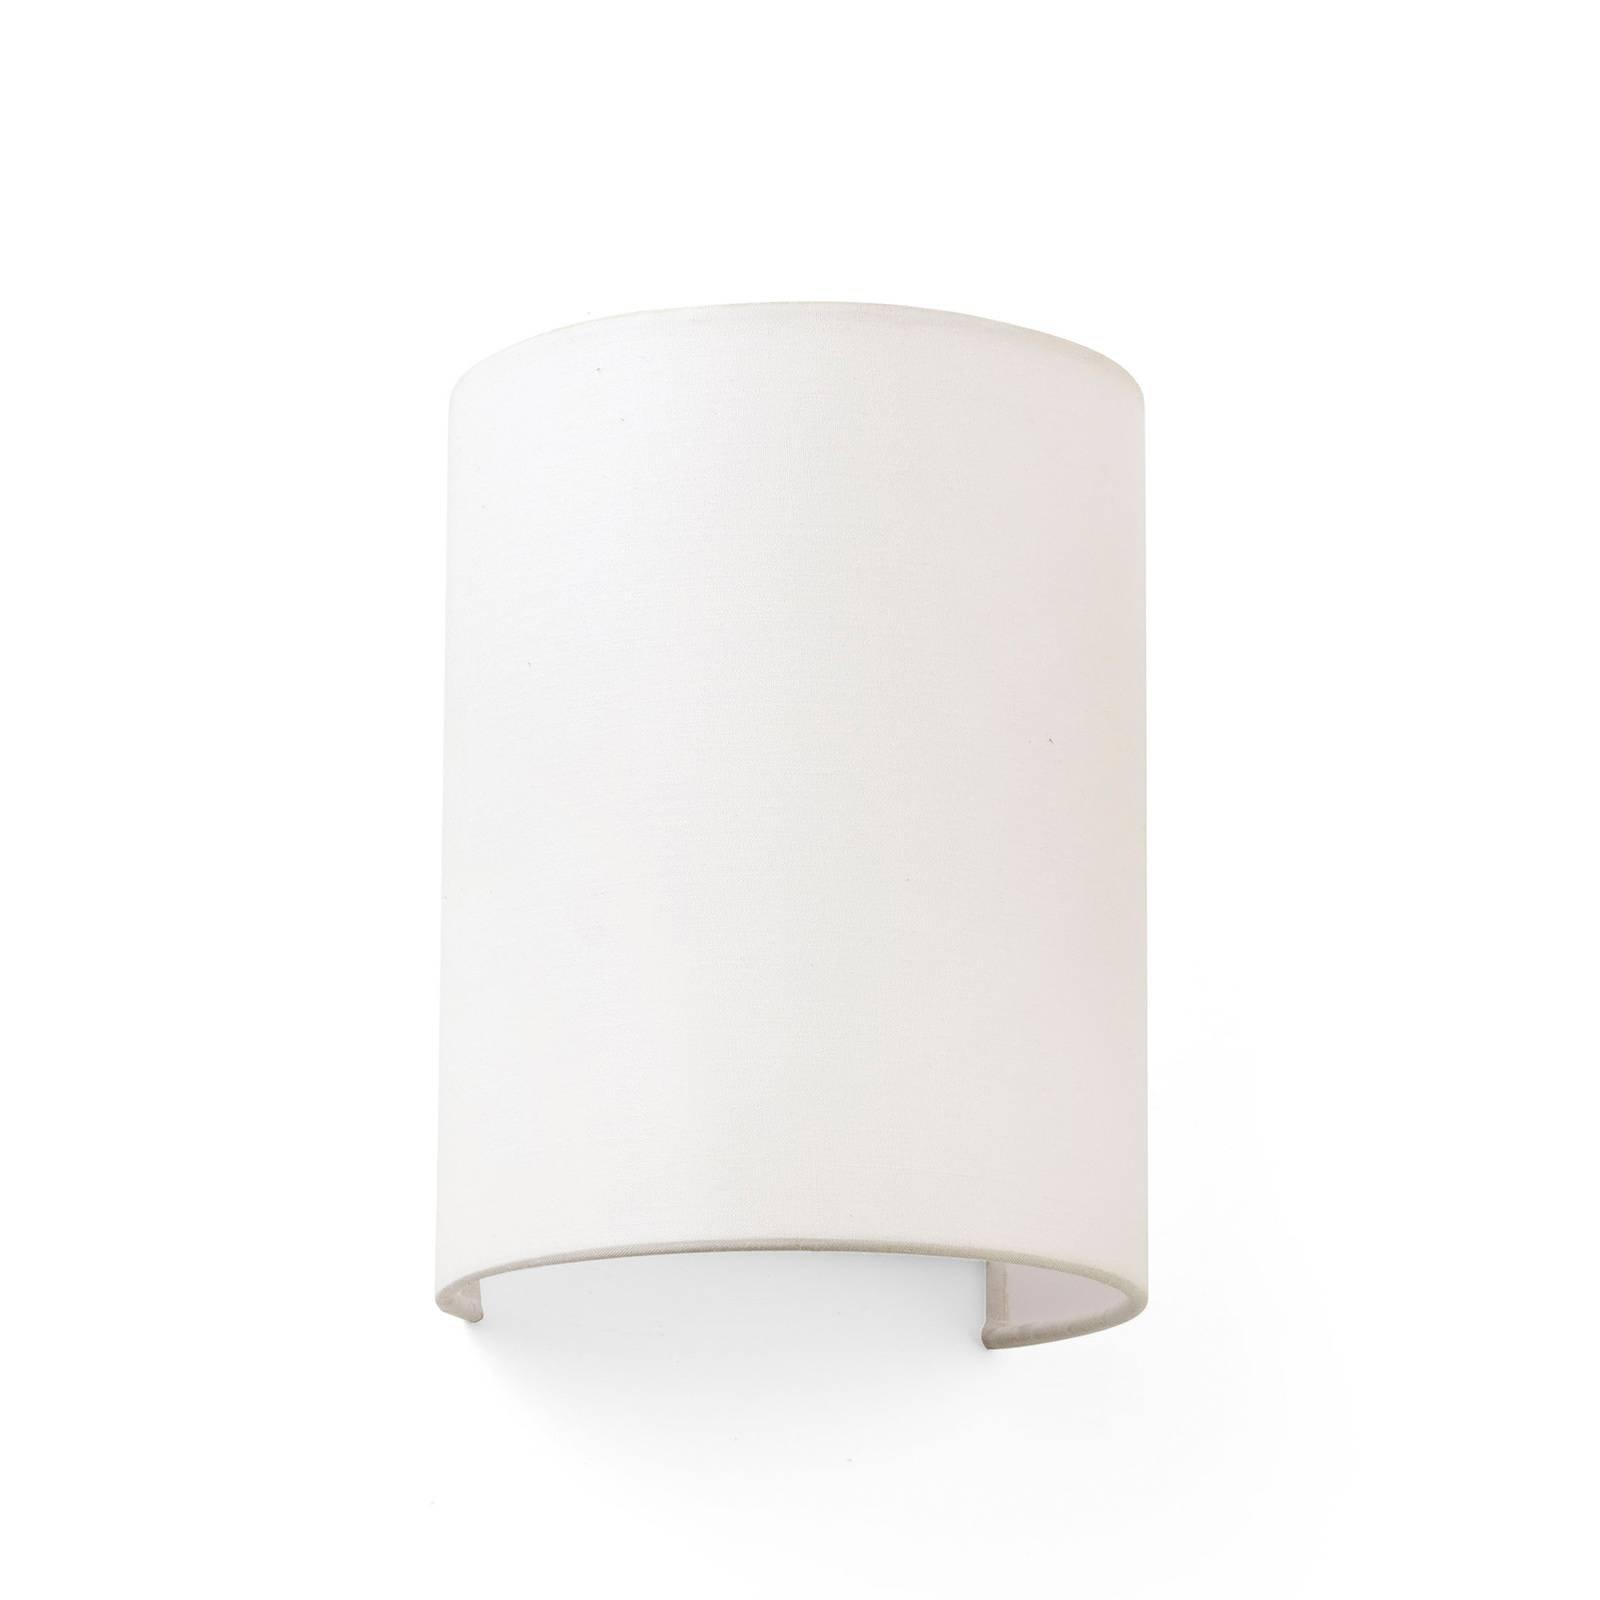 Vegglampe Cotton, buet, 20 x 15 cm, beige